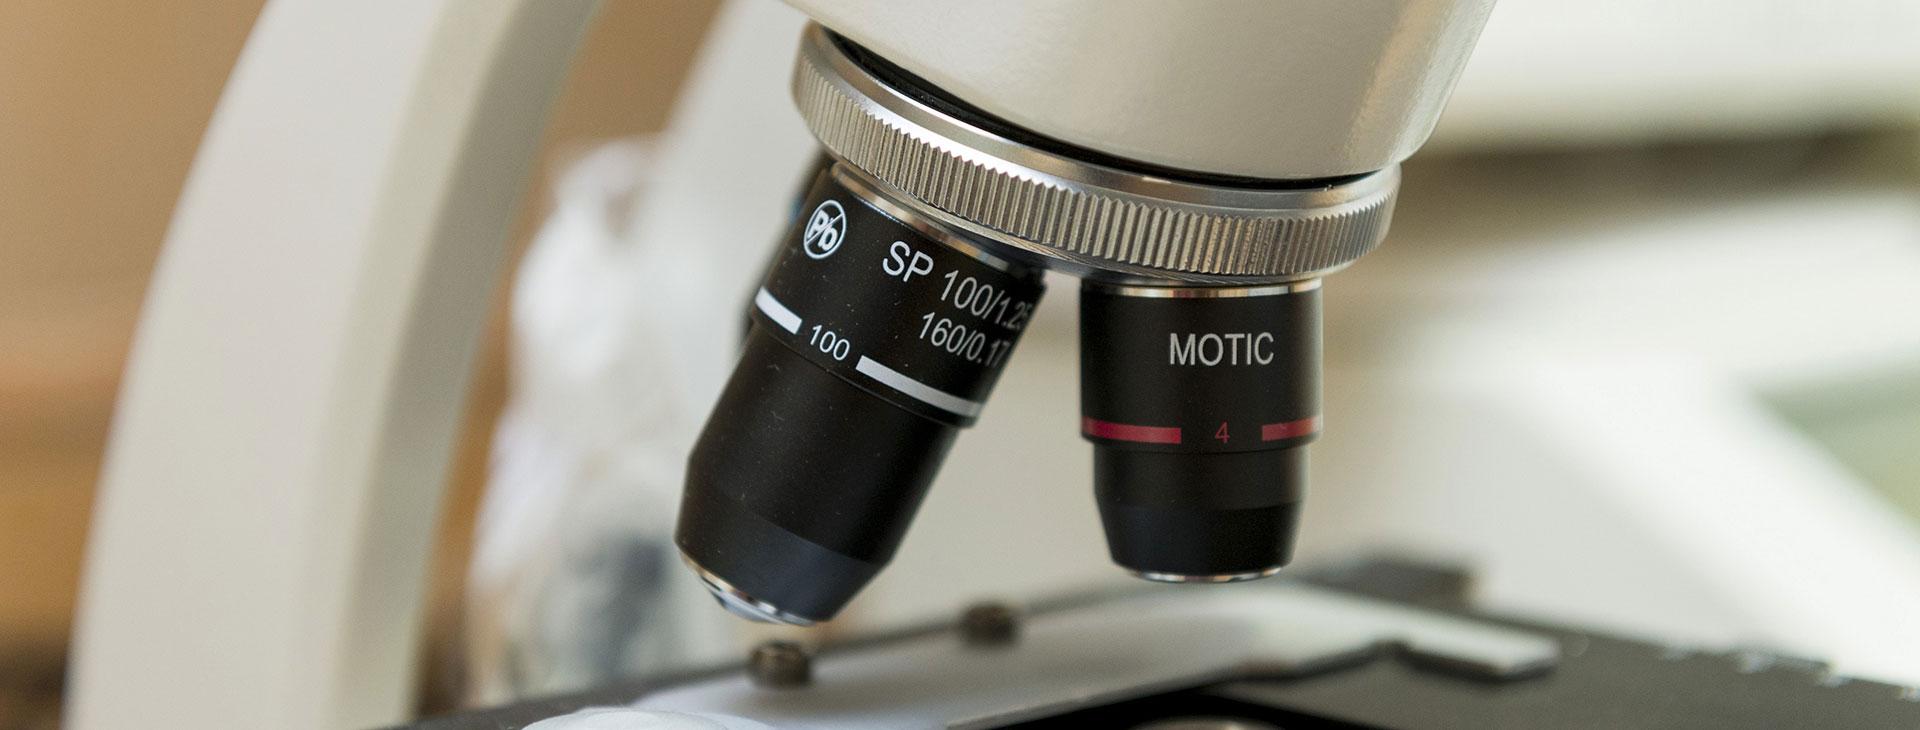 microscopio clínica veterinaria A Cuatro Patas